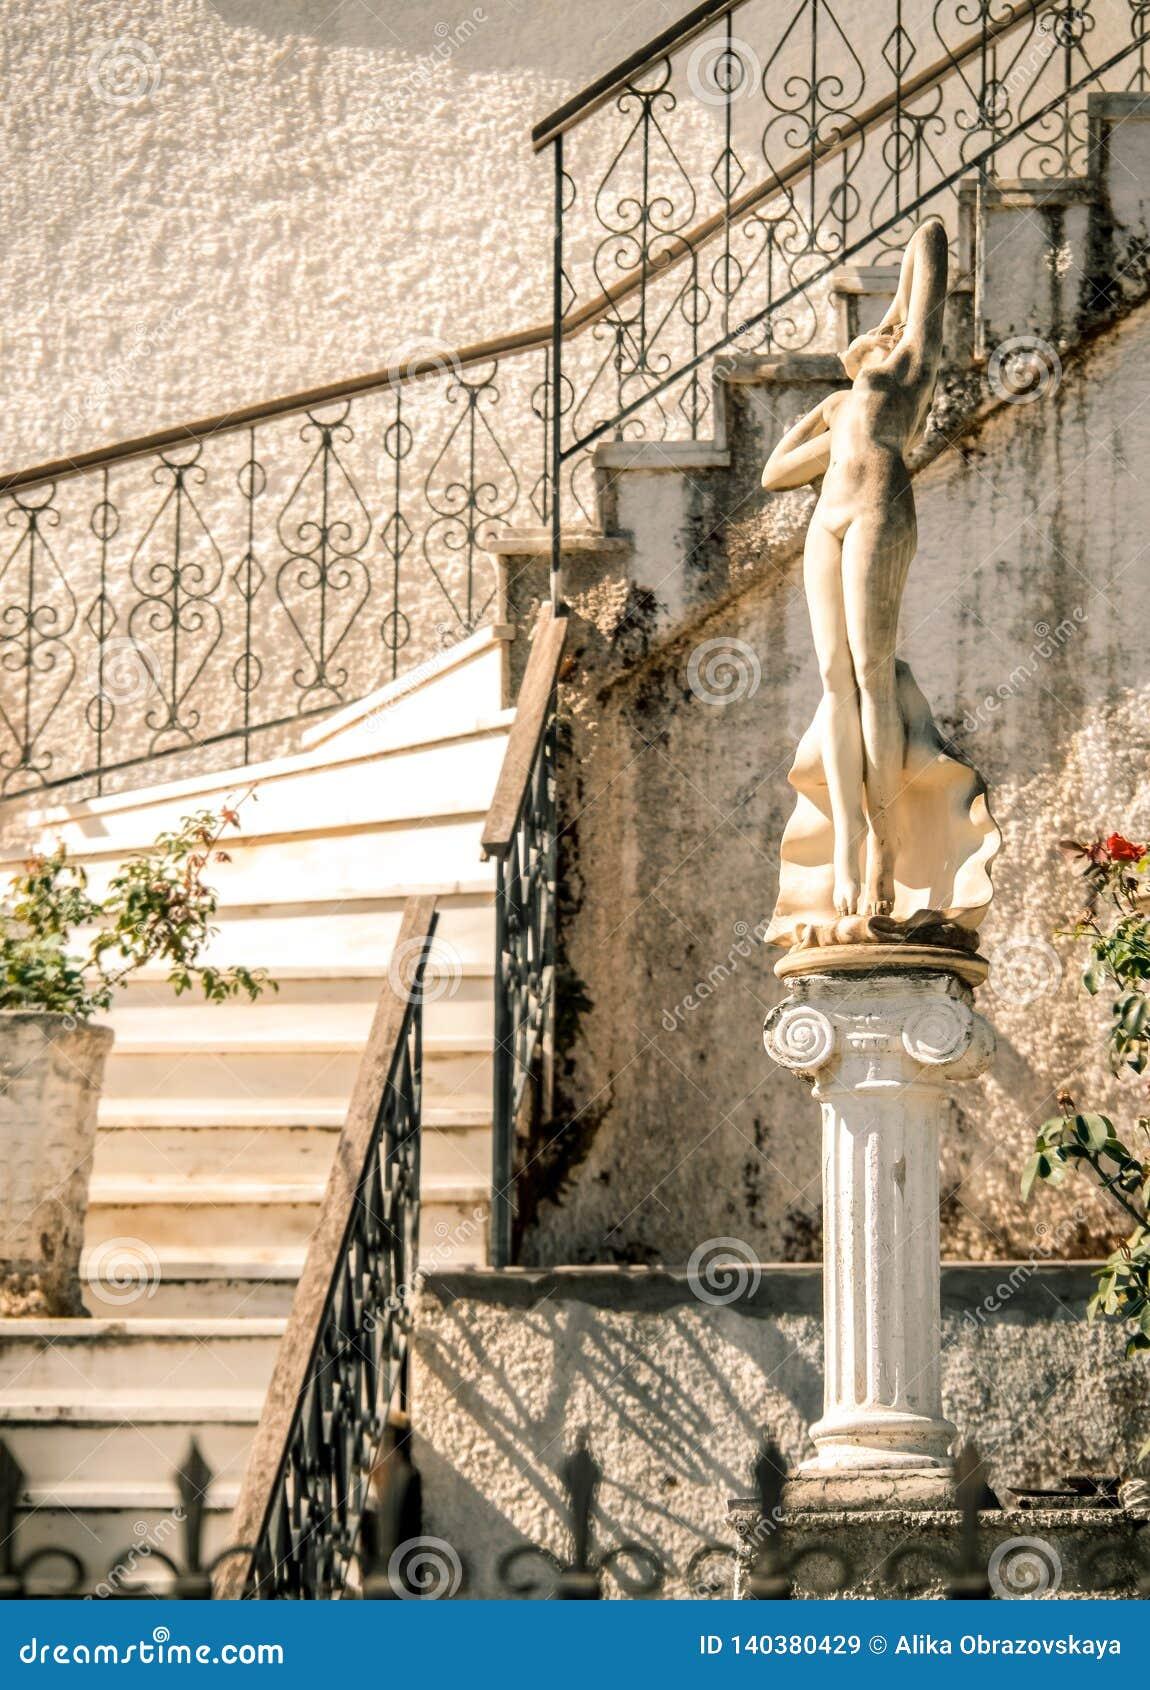 Dekoracja podwórze Grecki dom z marmurów krokami i statua na wyspie Kefalonia, Grecja